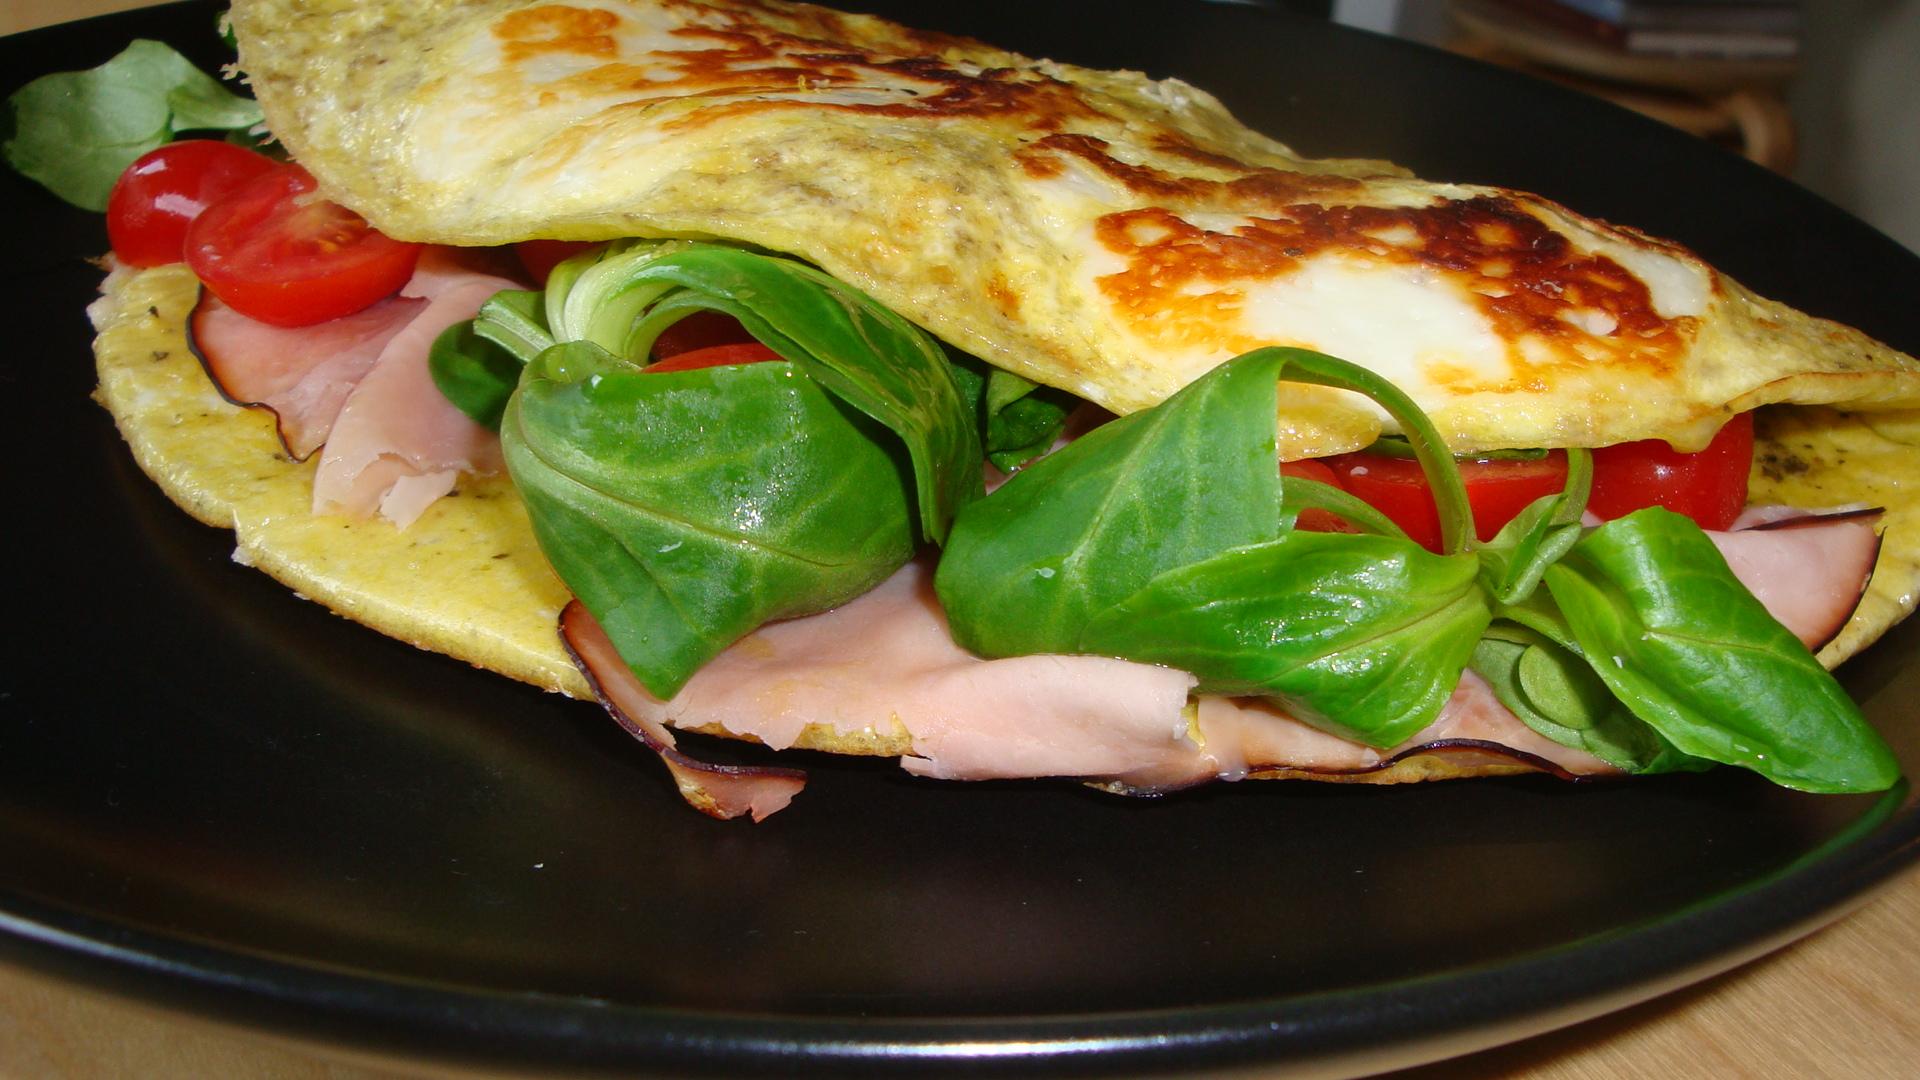 lunch otrohet stort bröst